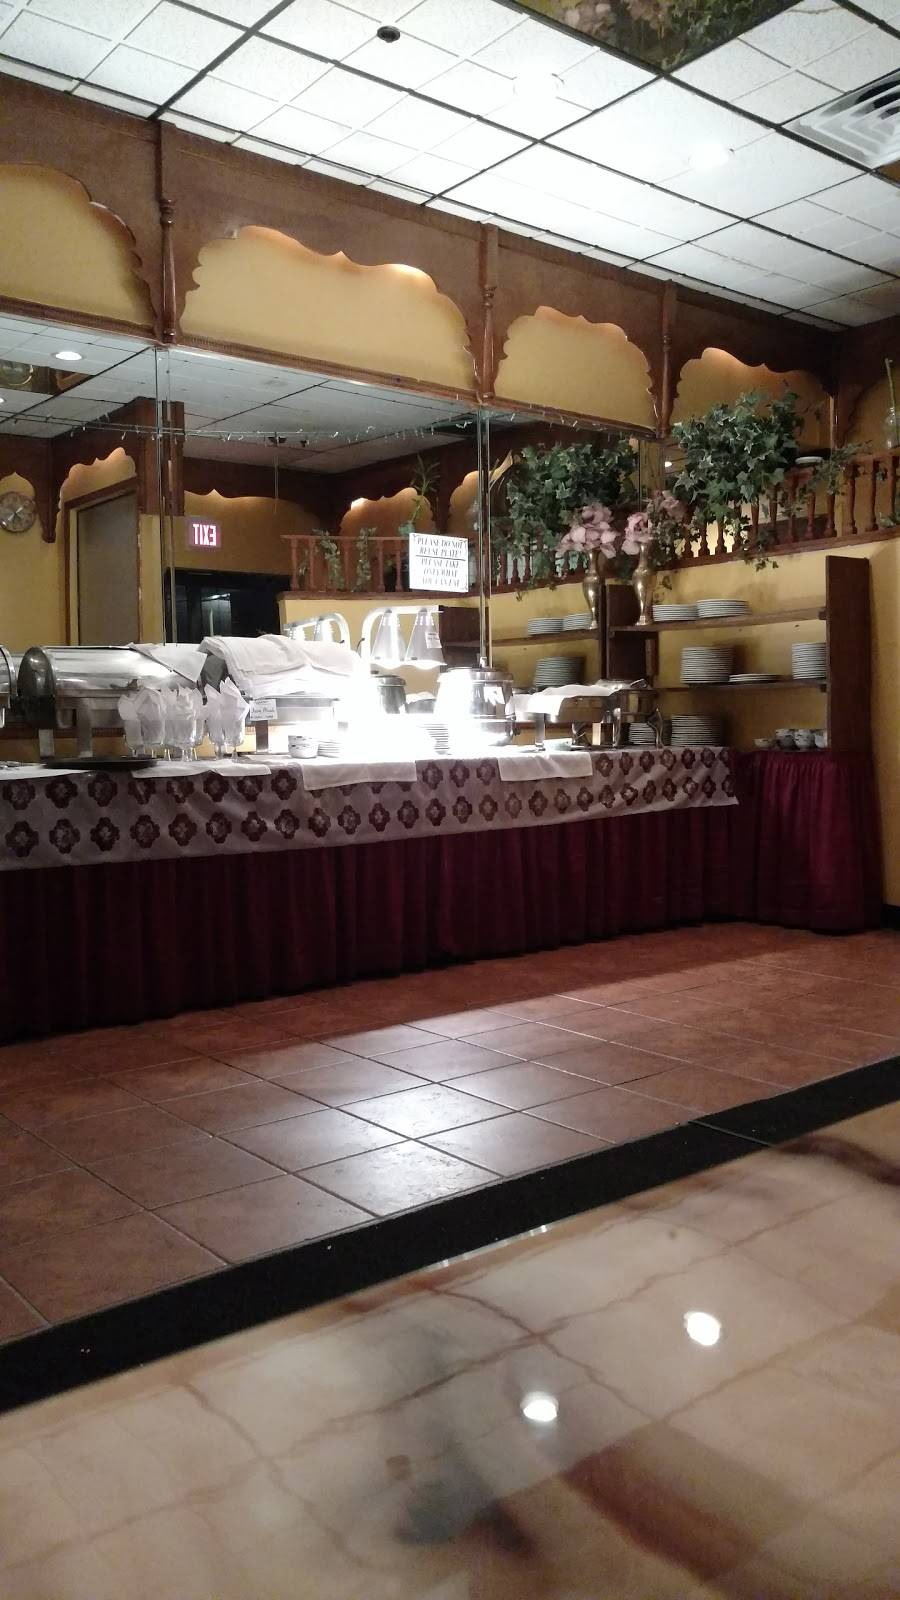 Neelam Exotic Indian Cuisine | restaurant | 1178 NJ-35, Middletown, NJ 07748, USA | 7326718900 OR +1 732-671-8900